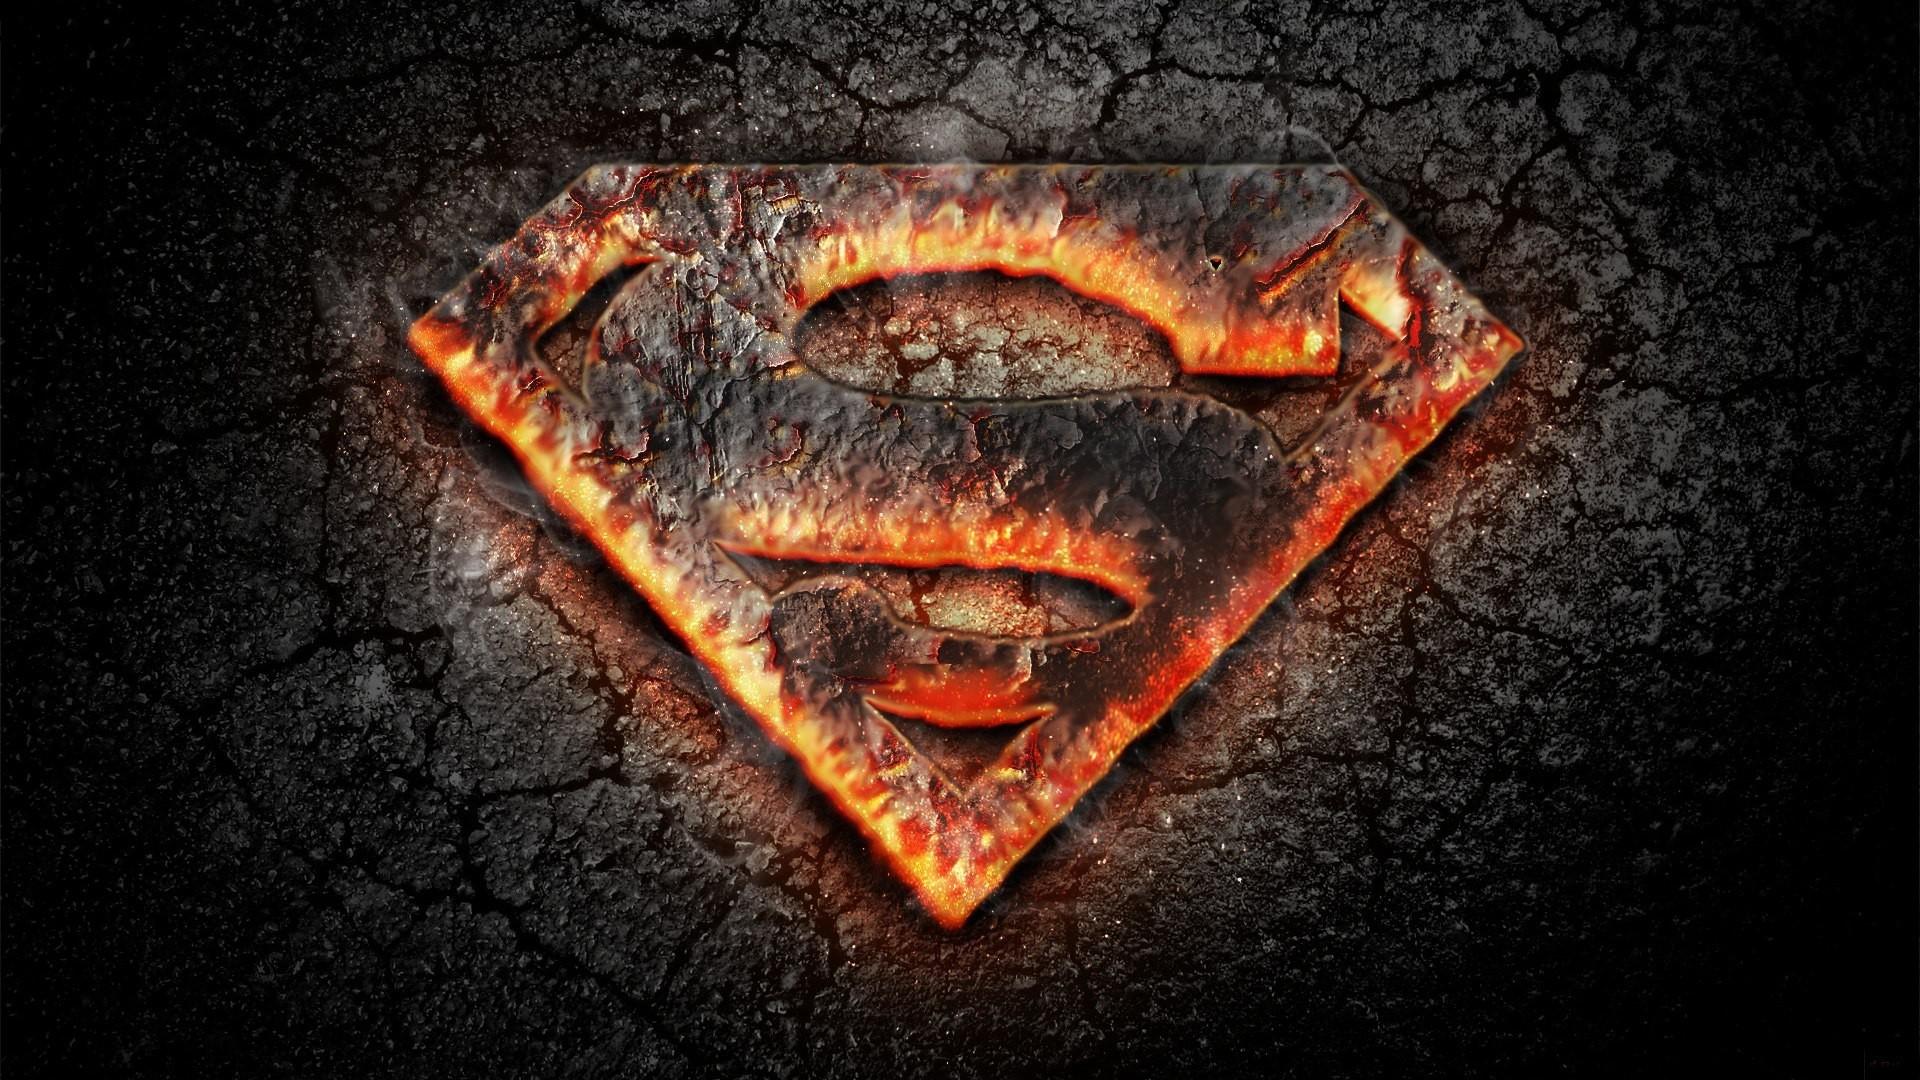 Desktop Images – Superman HD, Merrie Larabee